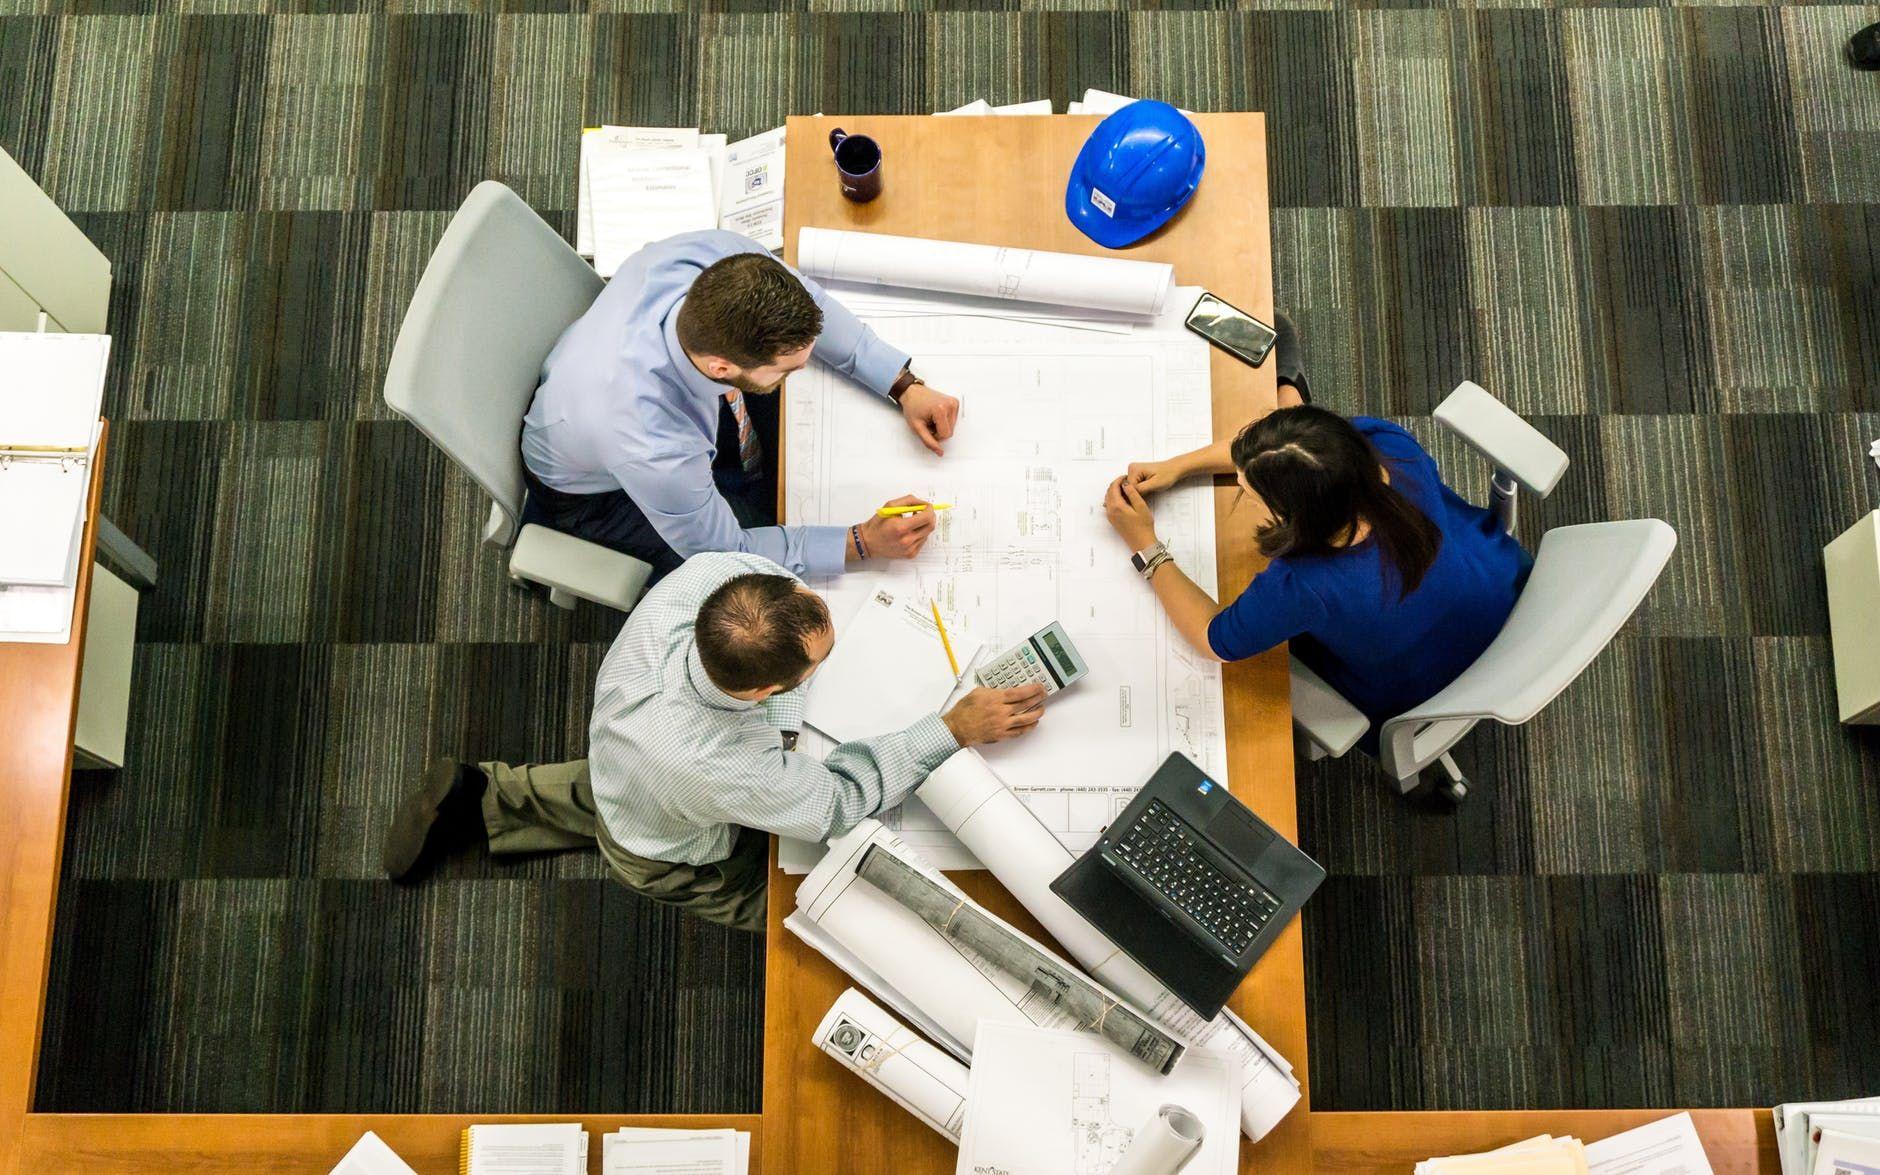 mesa com engenheiros trabalhando